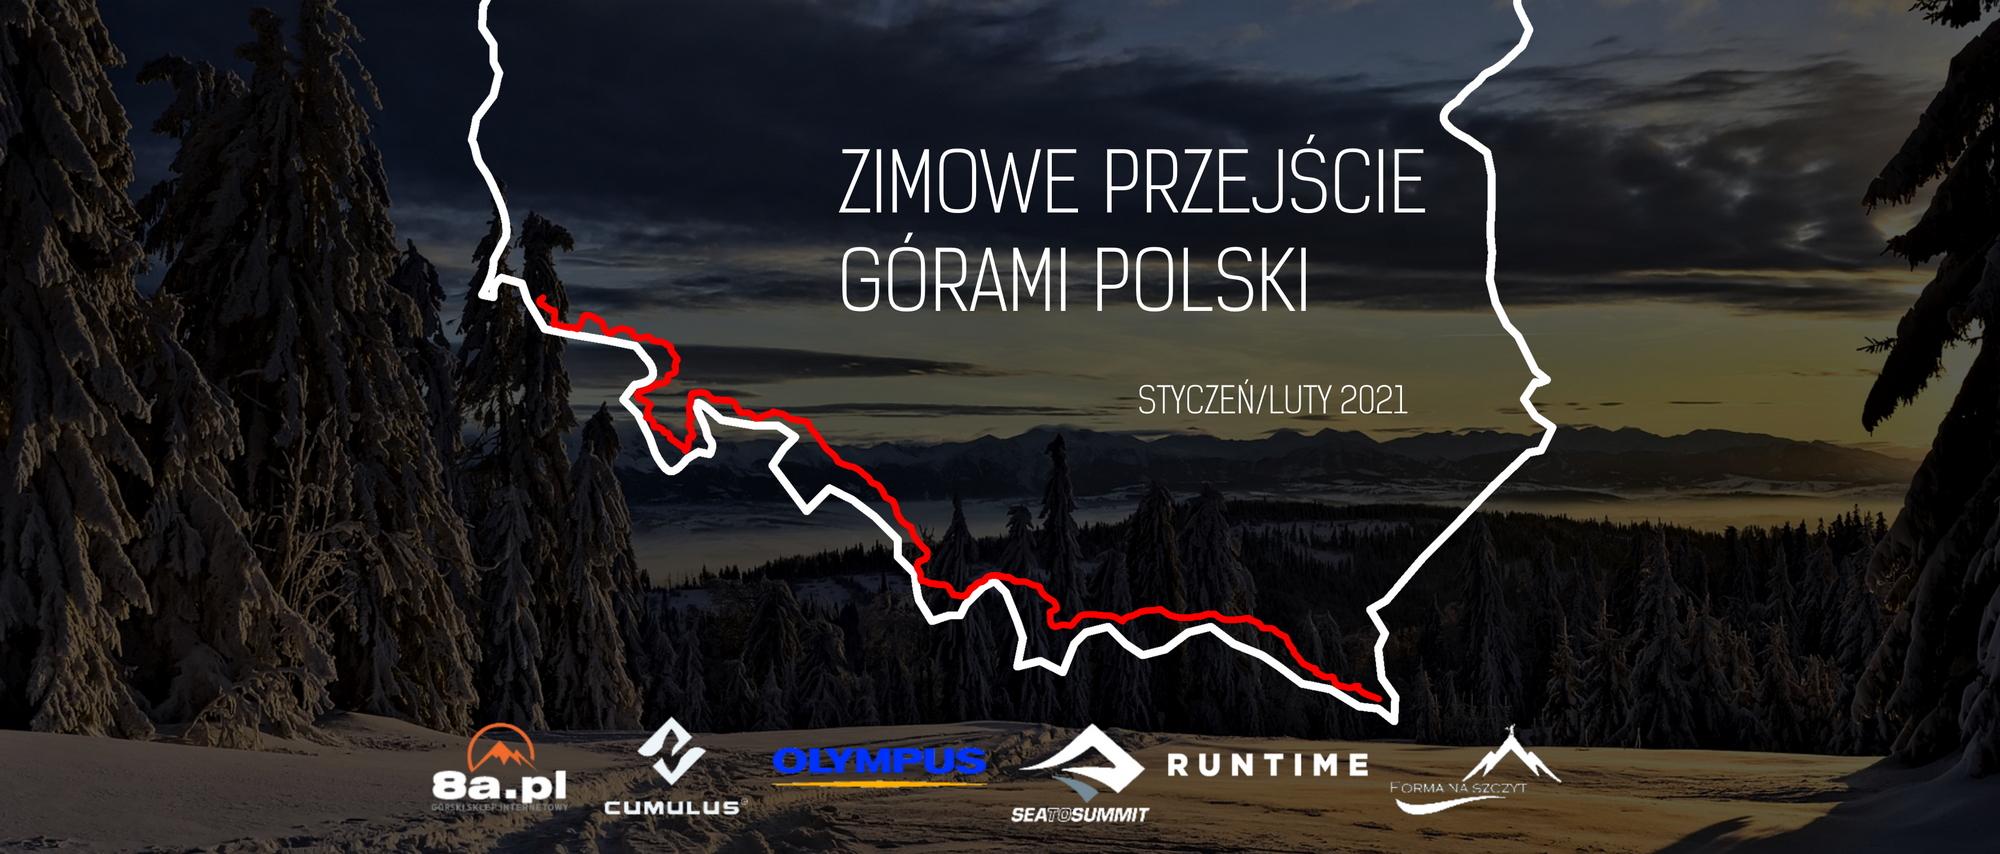 Zimowe przejście górami Polski